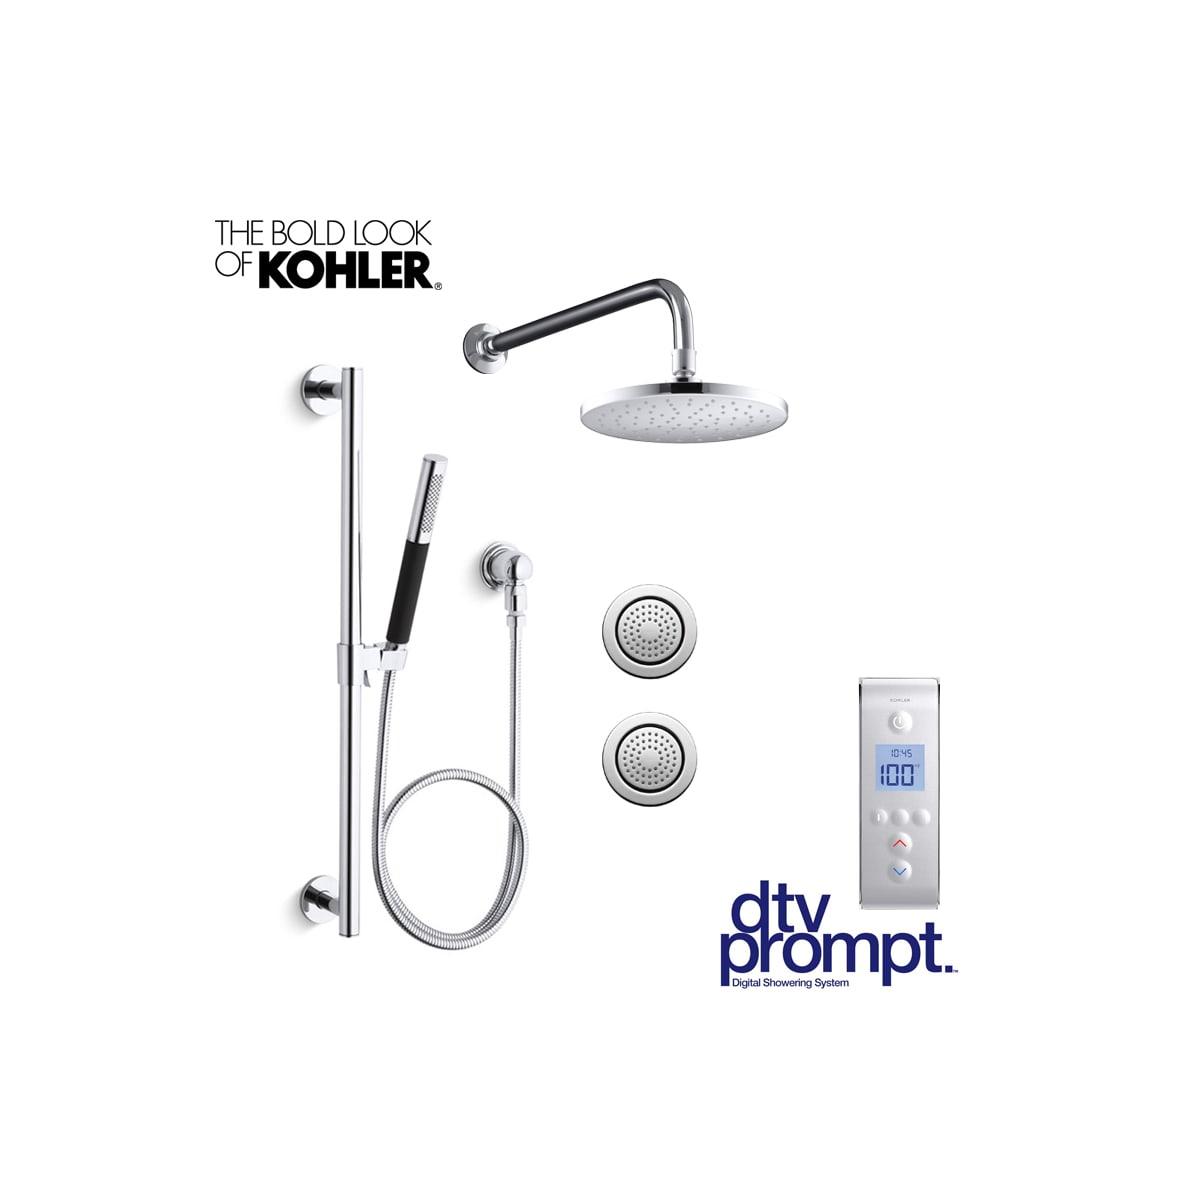 Kohler Dtv Prompt Cr Sp2